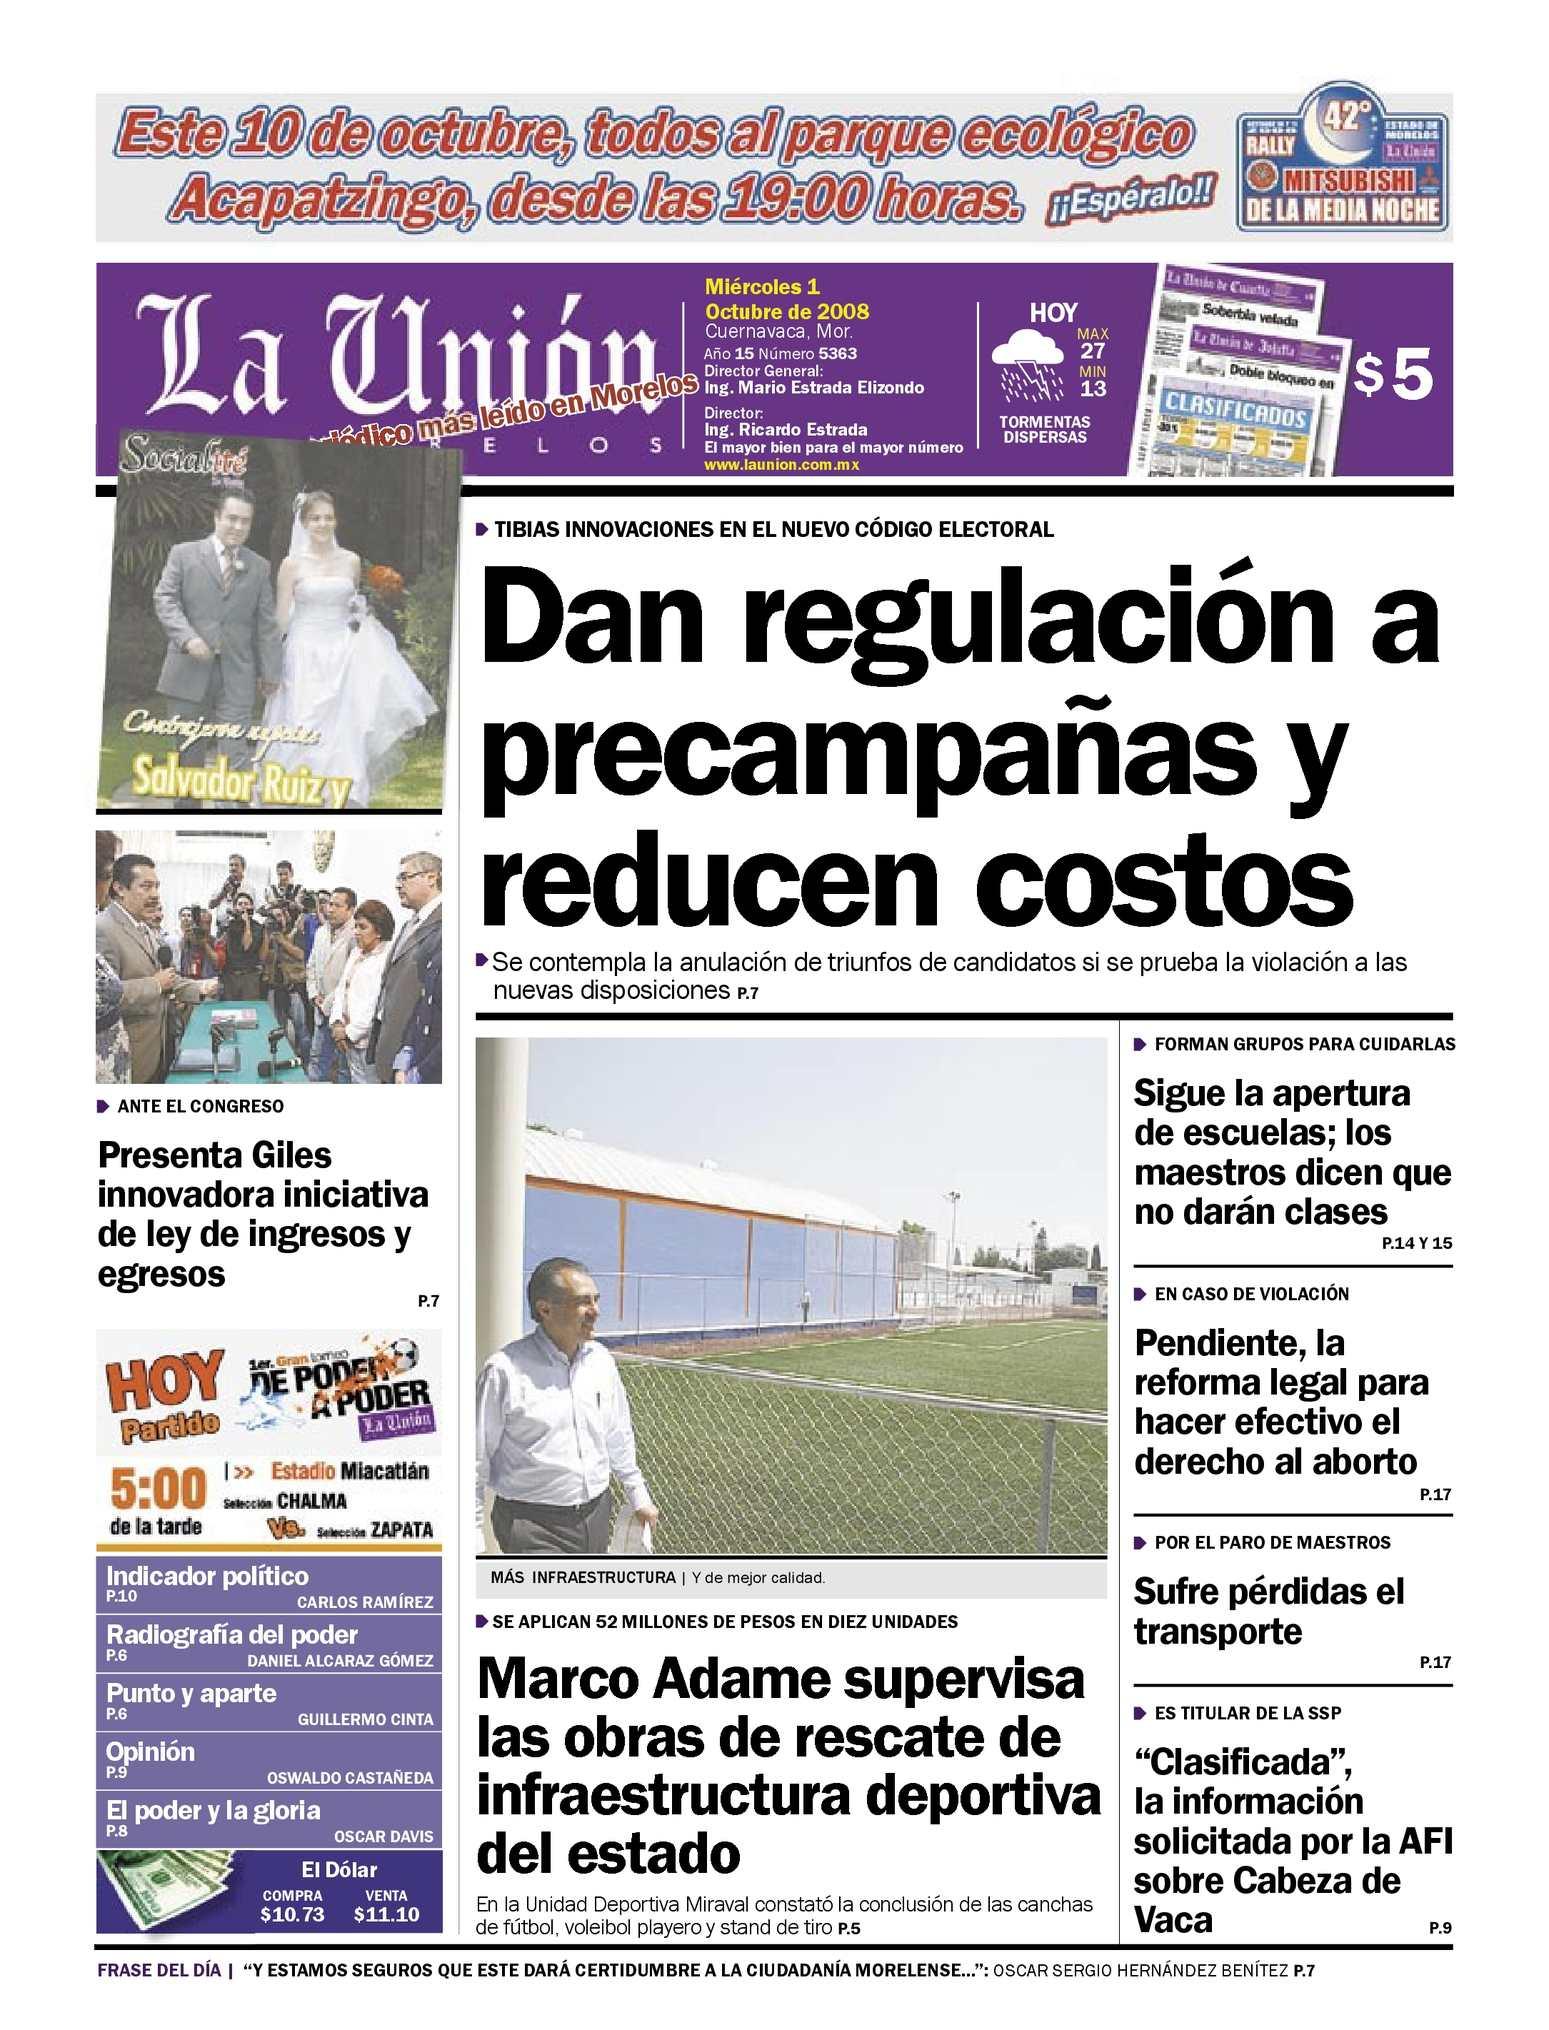 Calameo La Union De Morelos 01 Octubre 2008